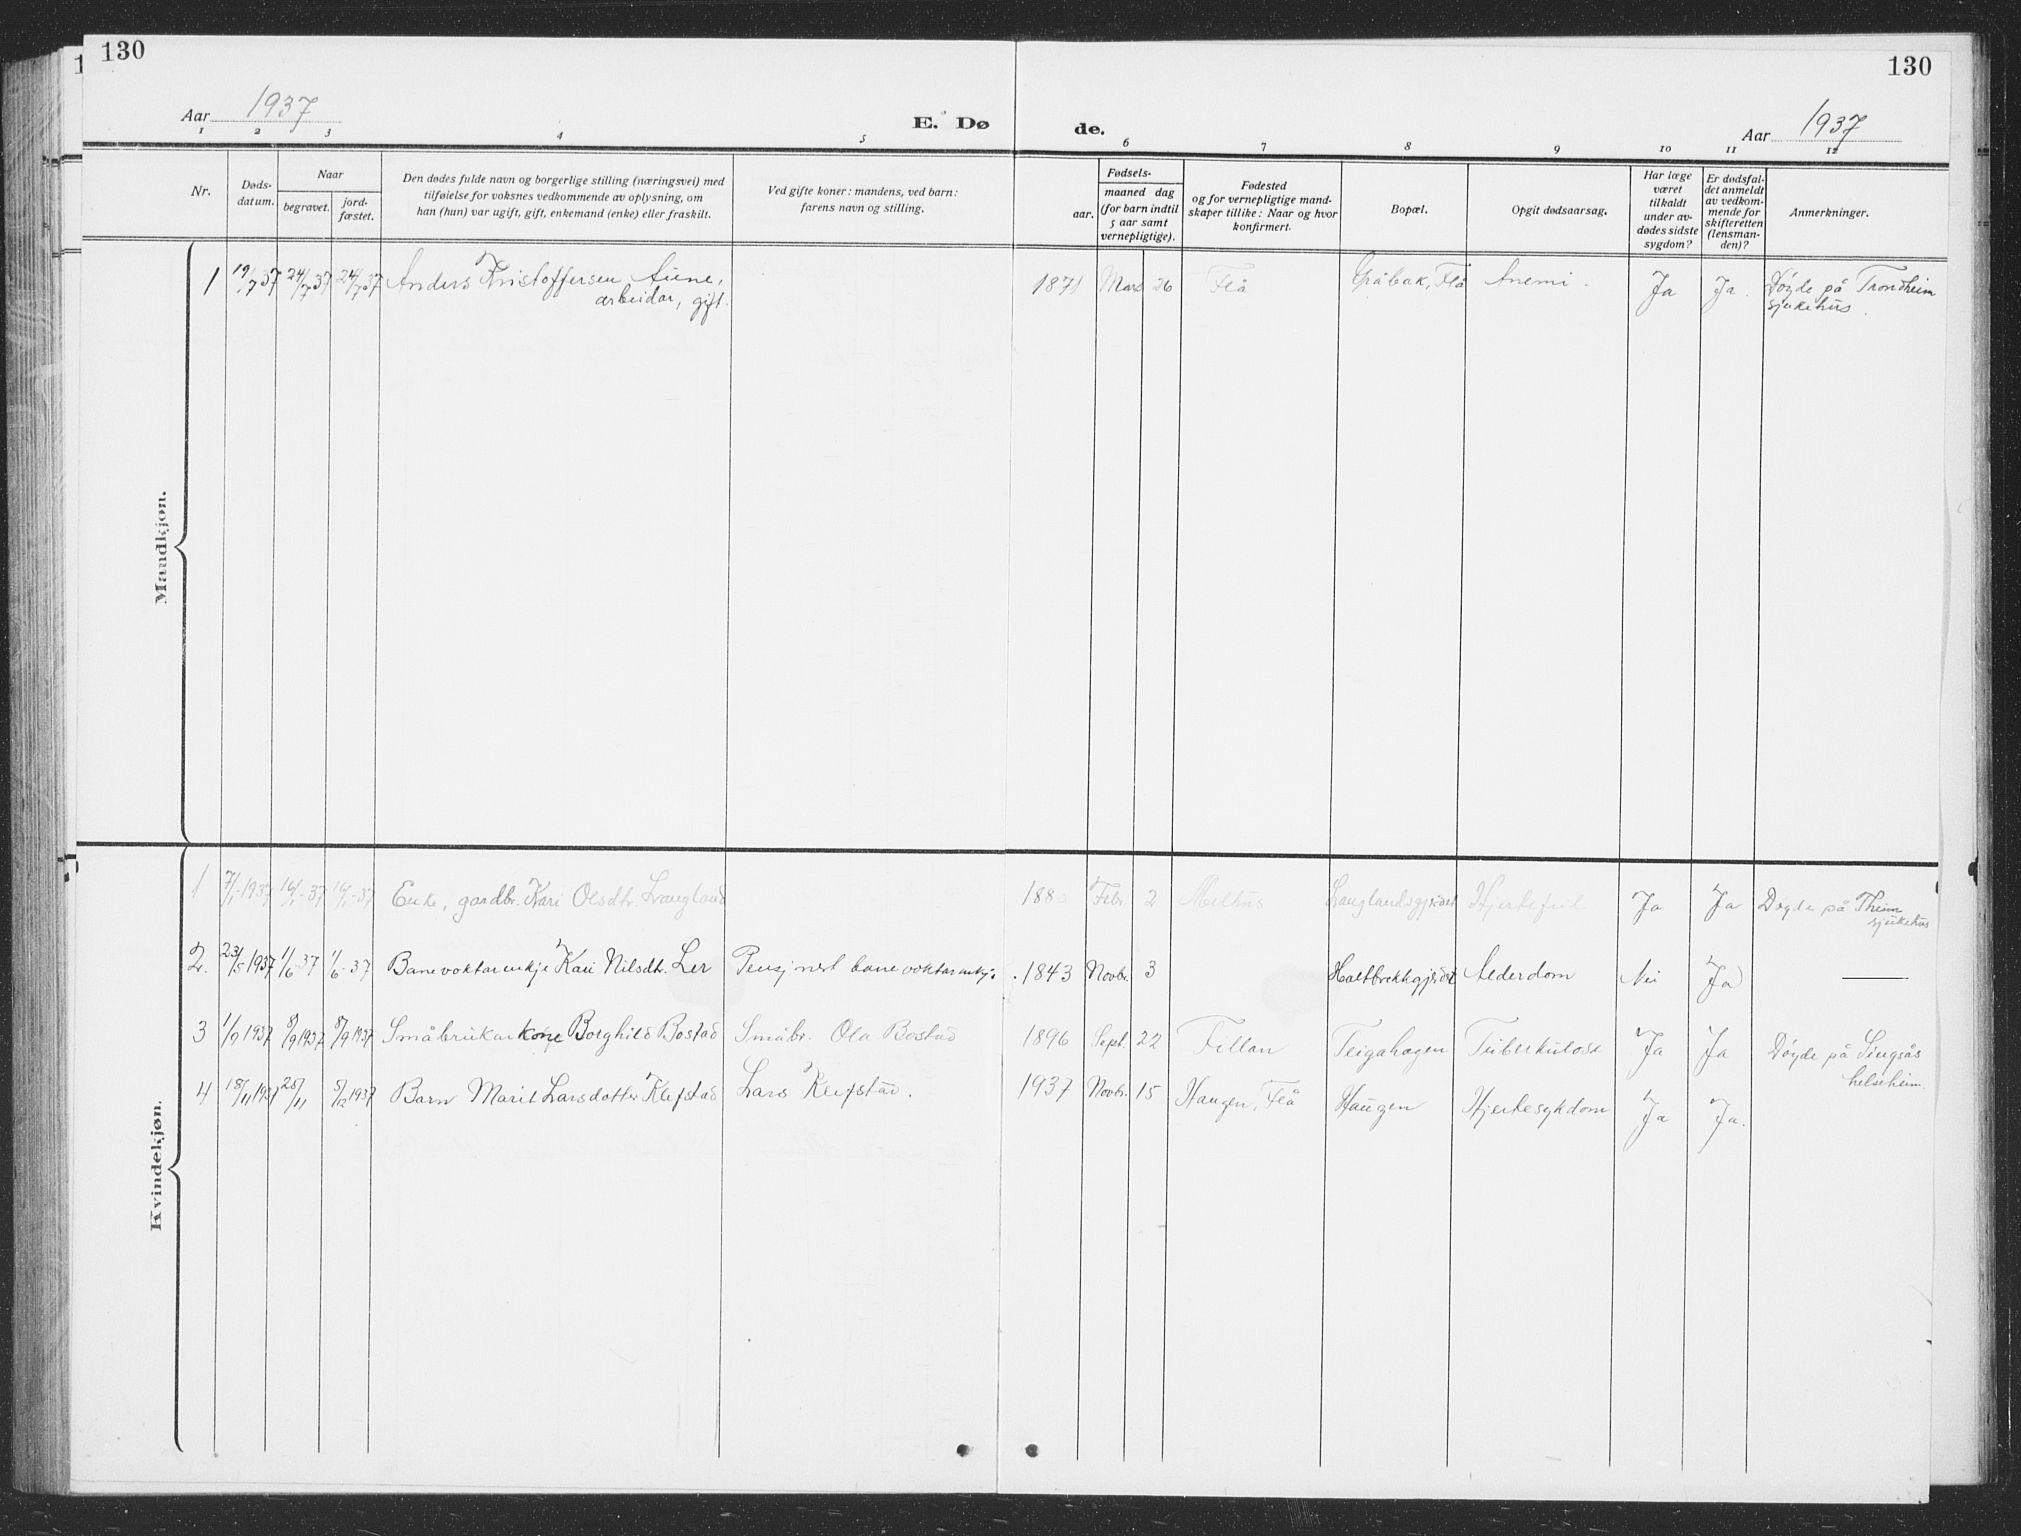 SAT, Ministerialprotokoller, klokkerbøker og fødselsregistre - Sør-Trøndelag, 693/L1124: Klokkerbok nr. 693C05, 1911-1941, s. 130